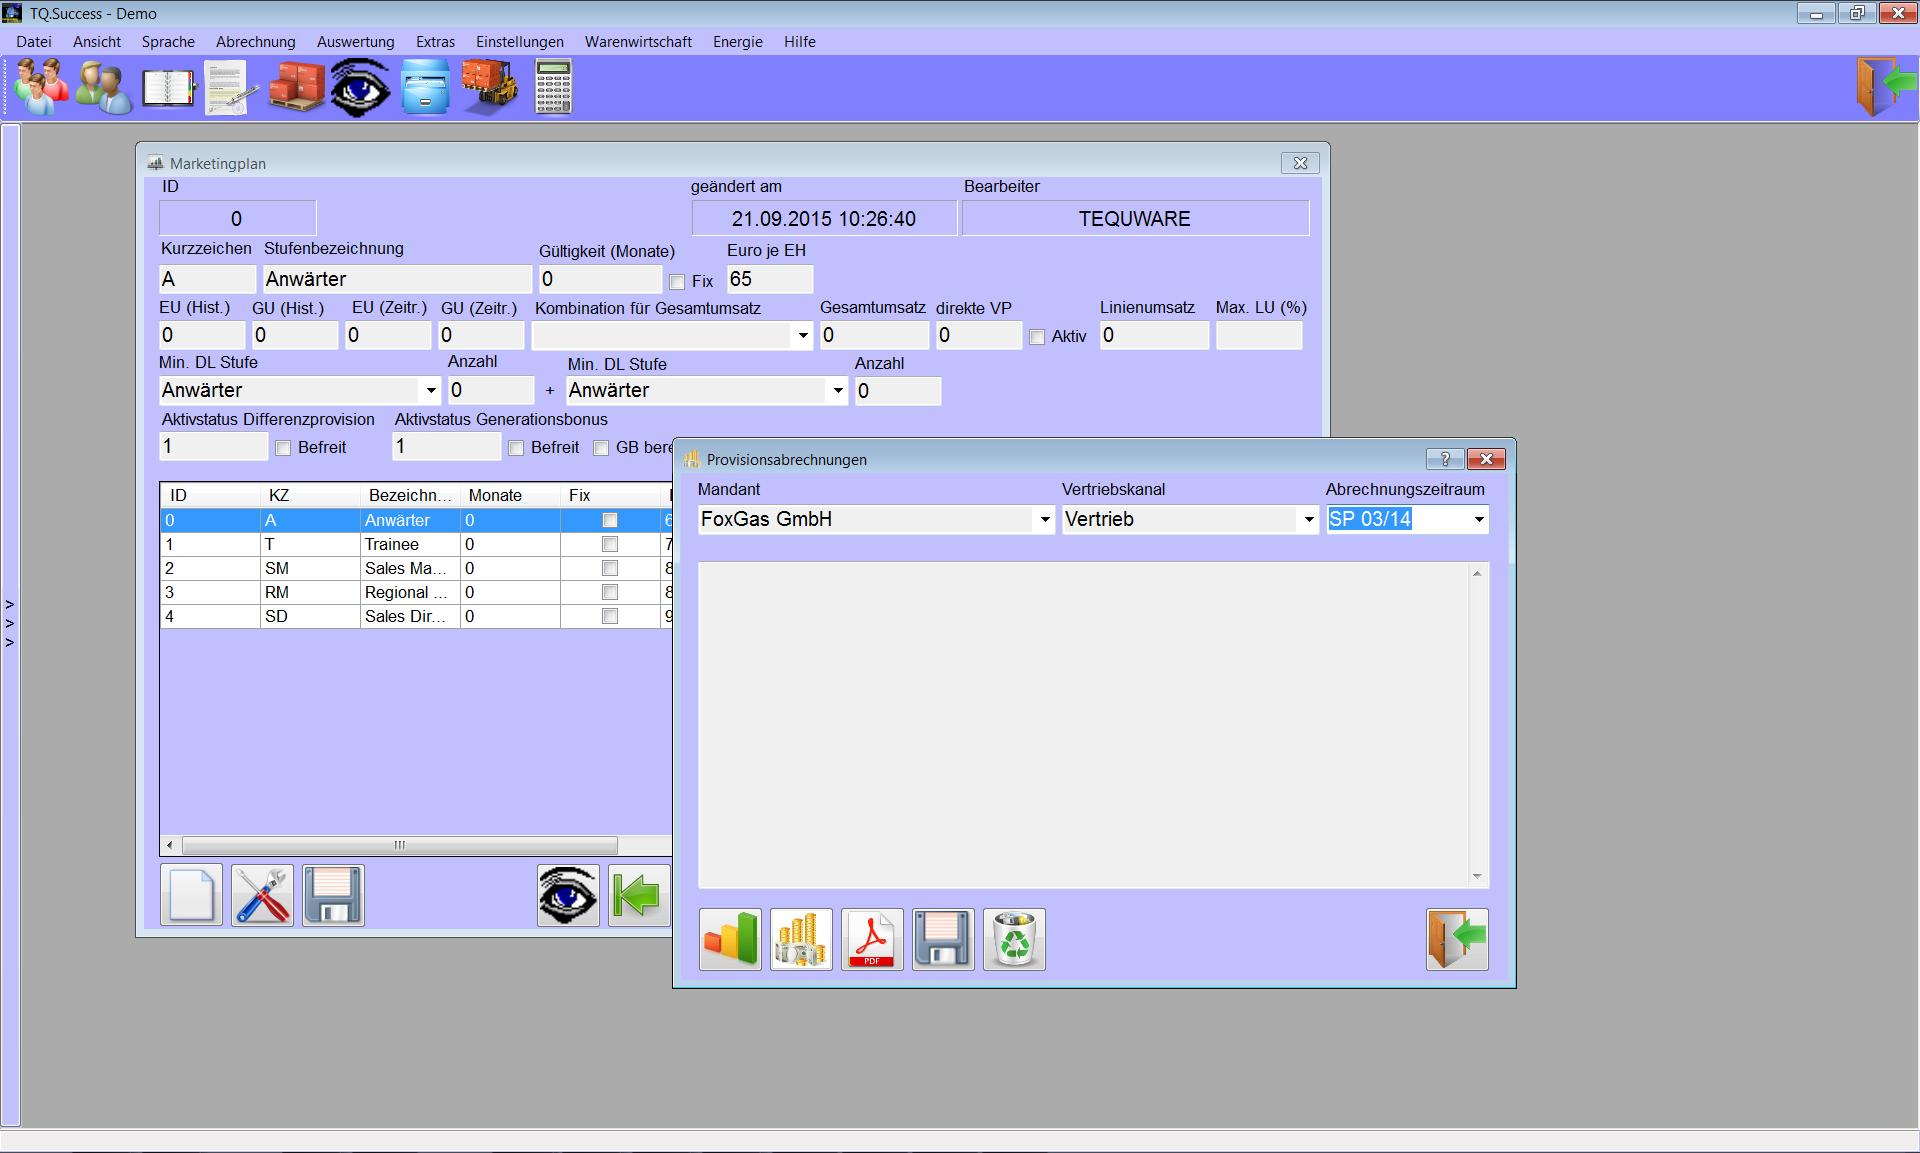 abrechnungssoftware